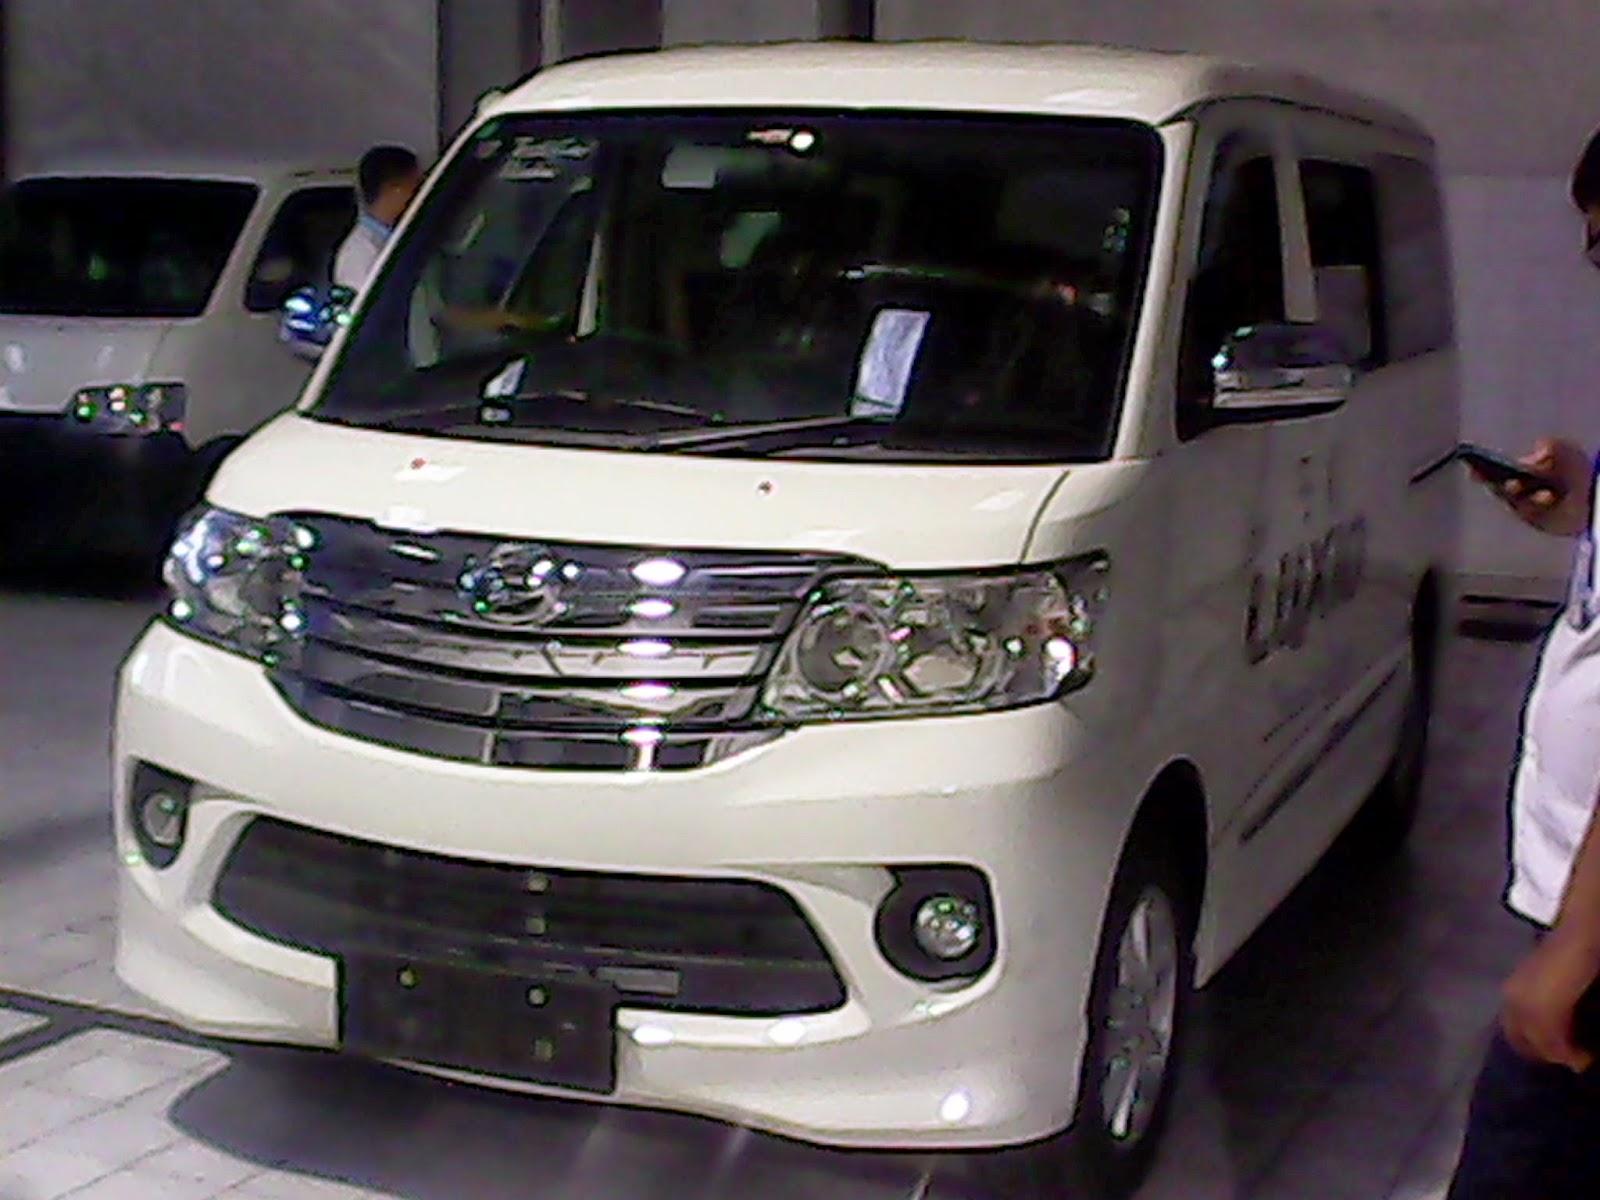 NEW LUXIO MC 2014 Dua Mobil Ini Sama Produk Dari Pabrikan Jepang Daihatsu Meskipun Satu Produsen Bukan Berarti Kedua Persis